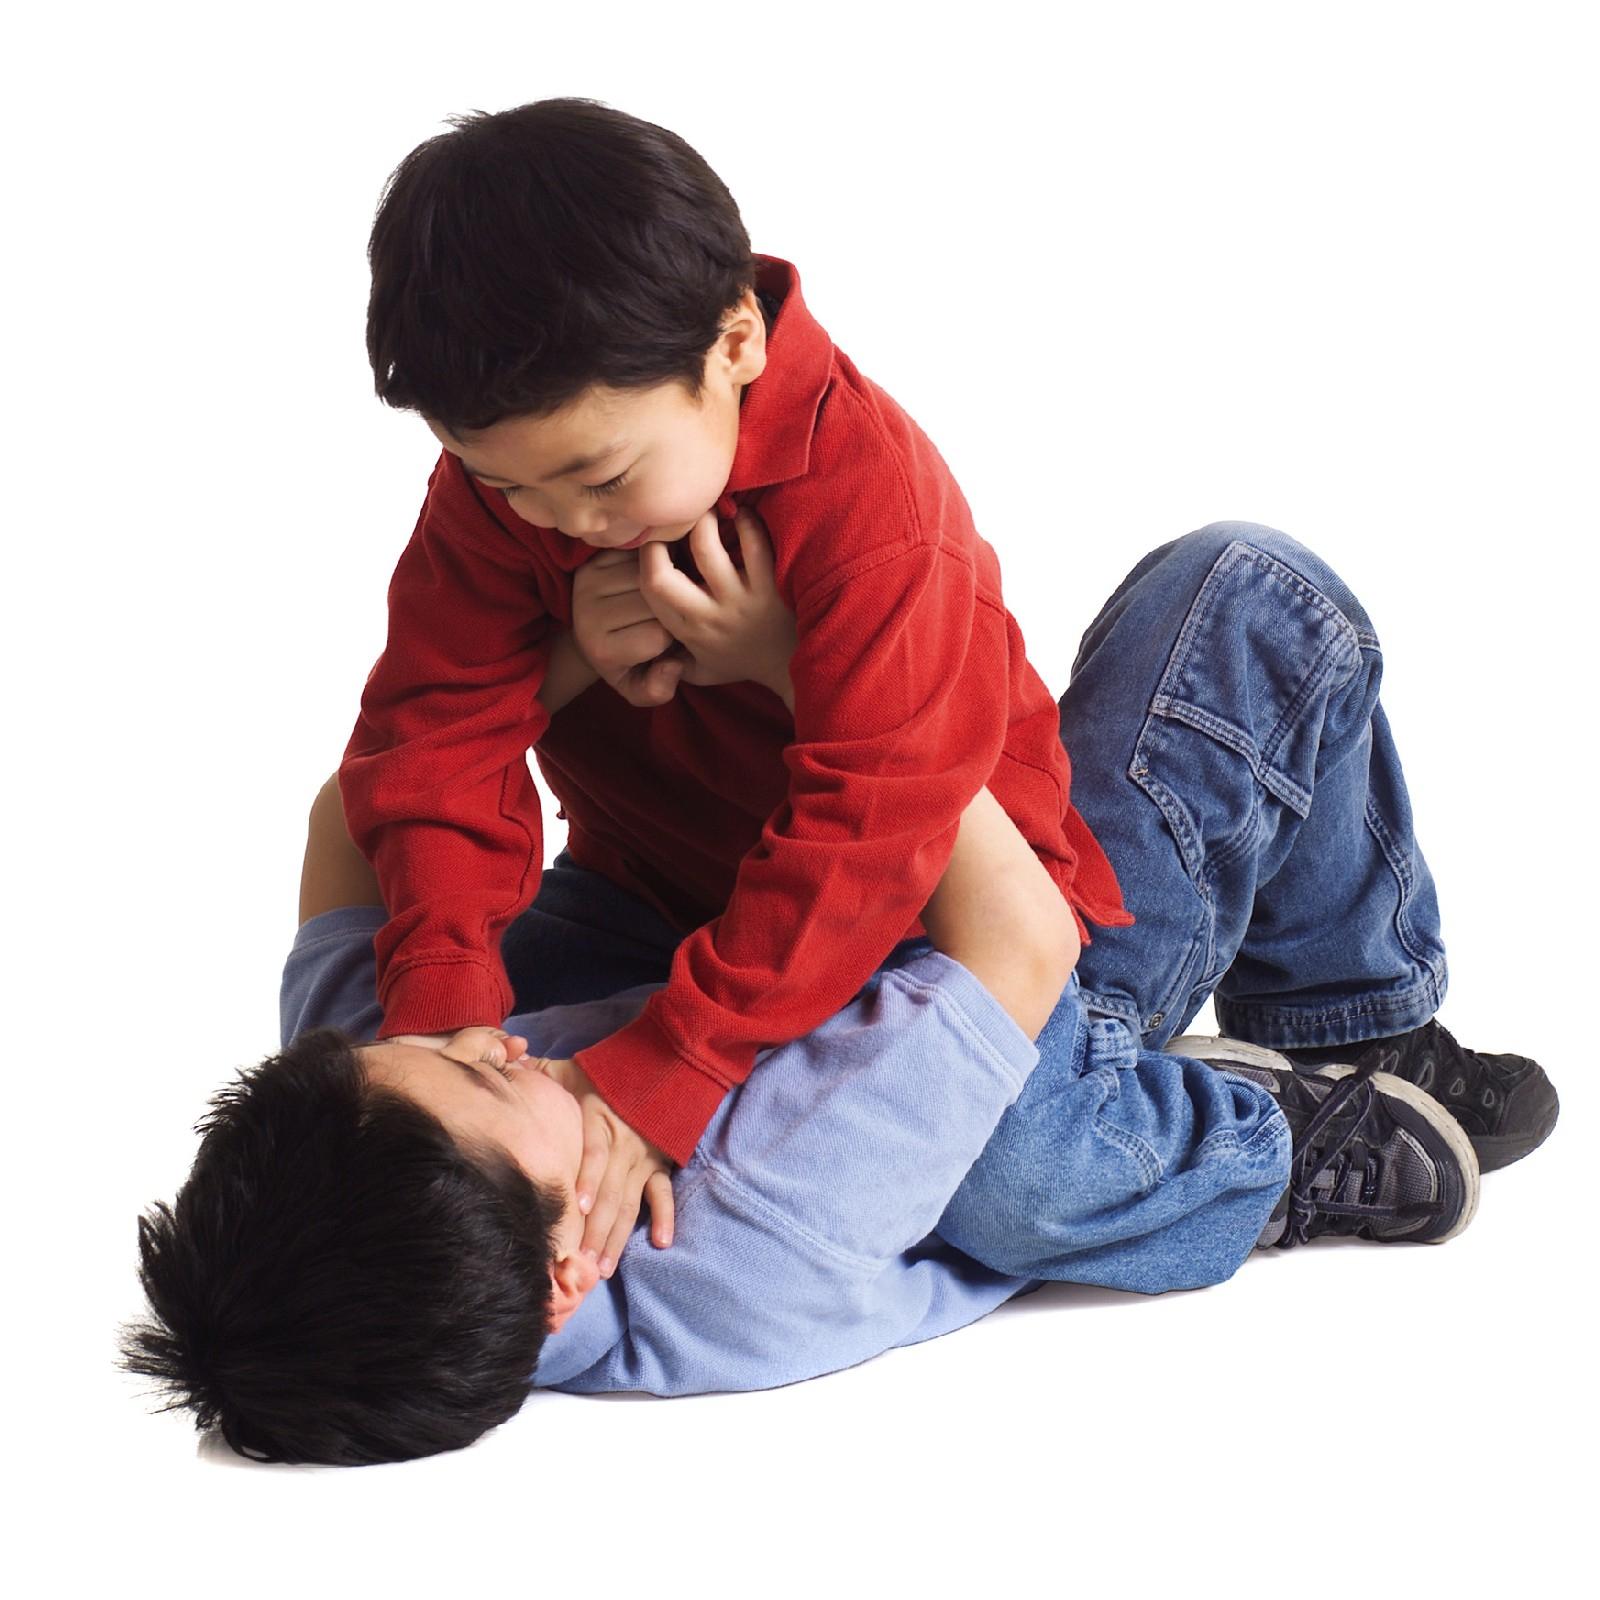 Mobbing Im Kindergarten: So Helfen Sie Ihrem Kind mit Mein Kind Wird Gemobbt Wie Kann Ich Helfen